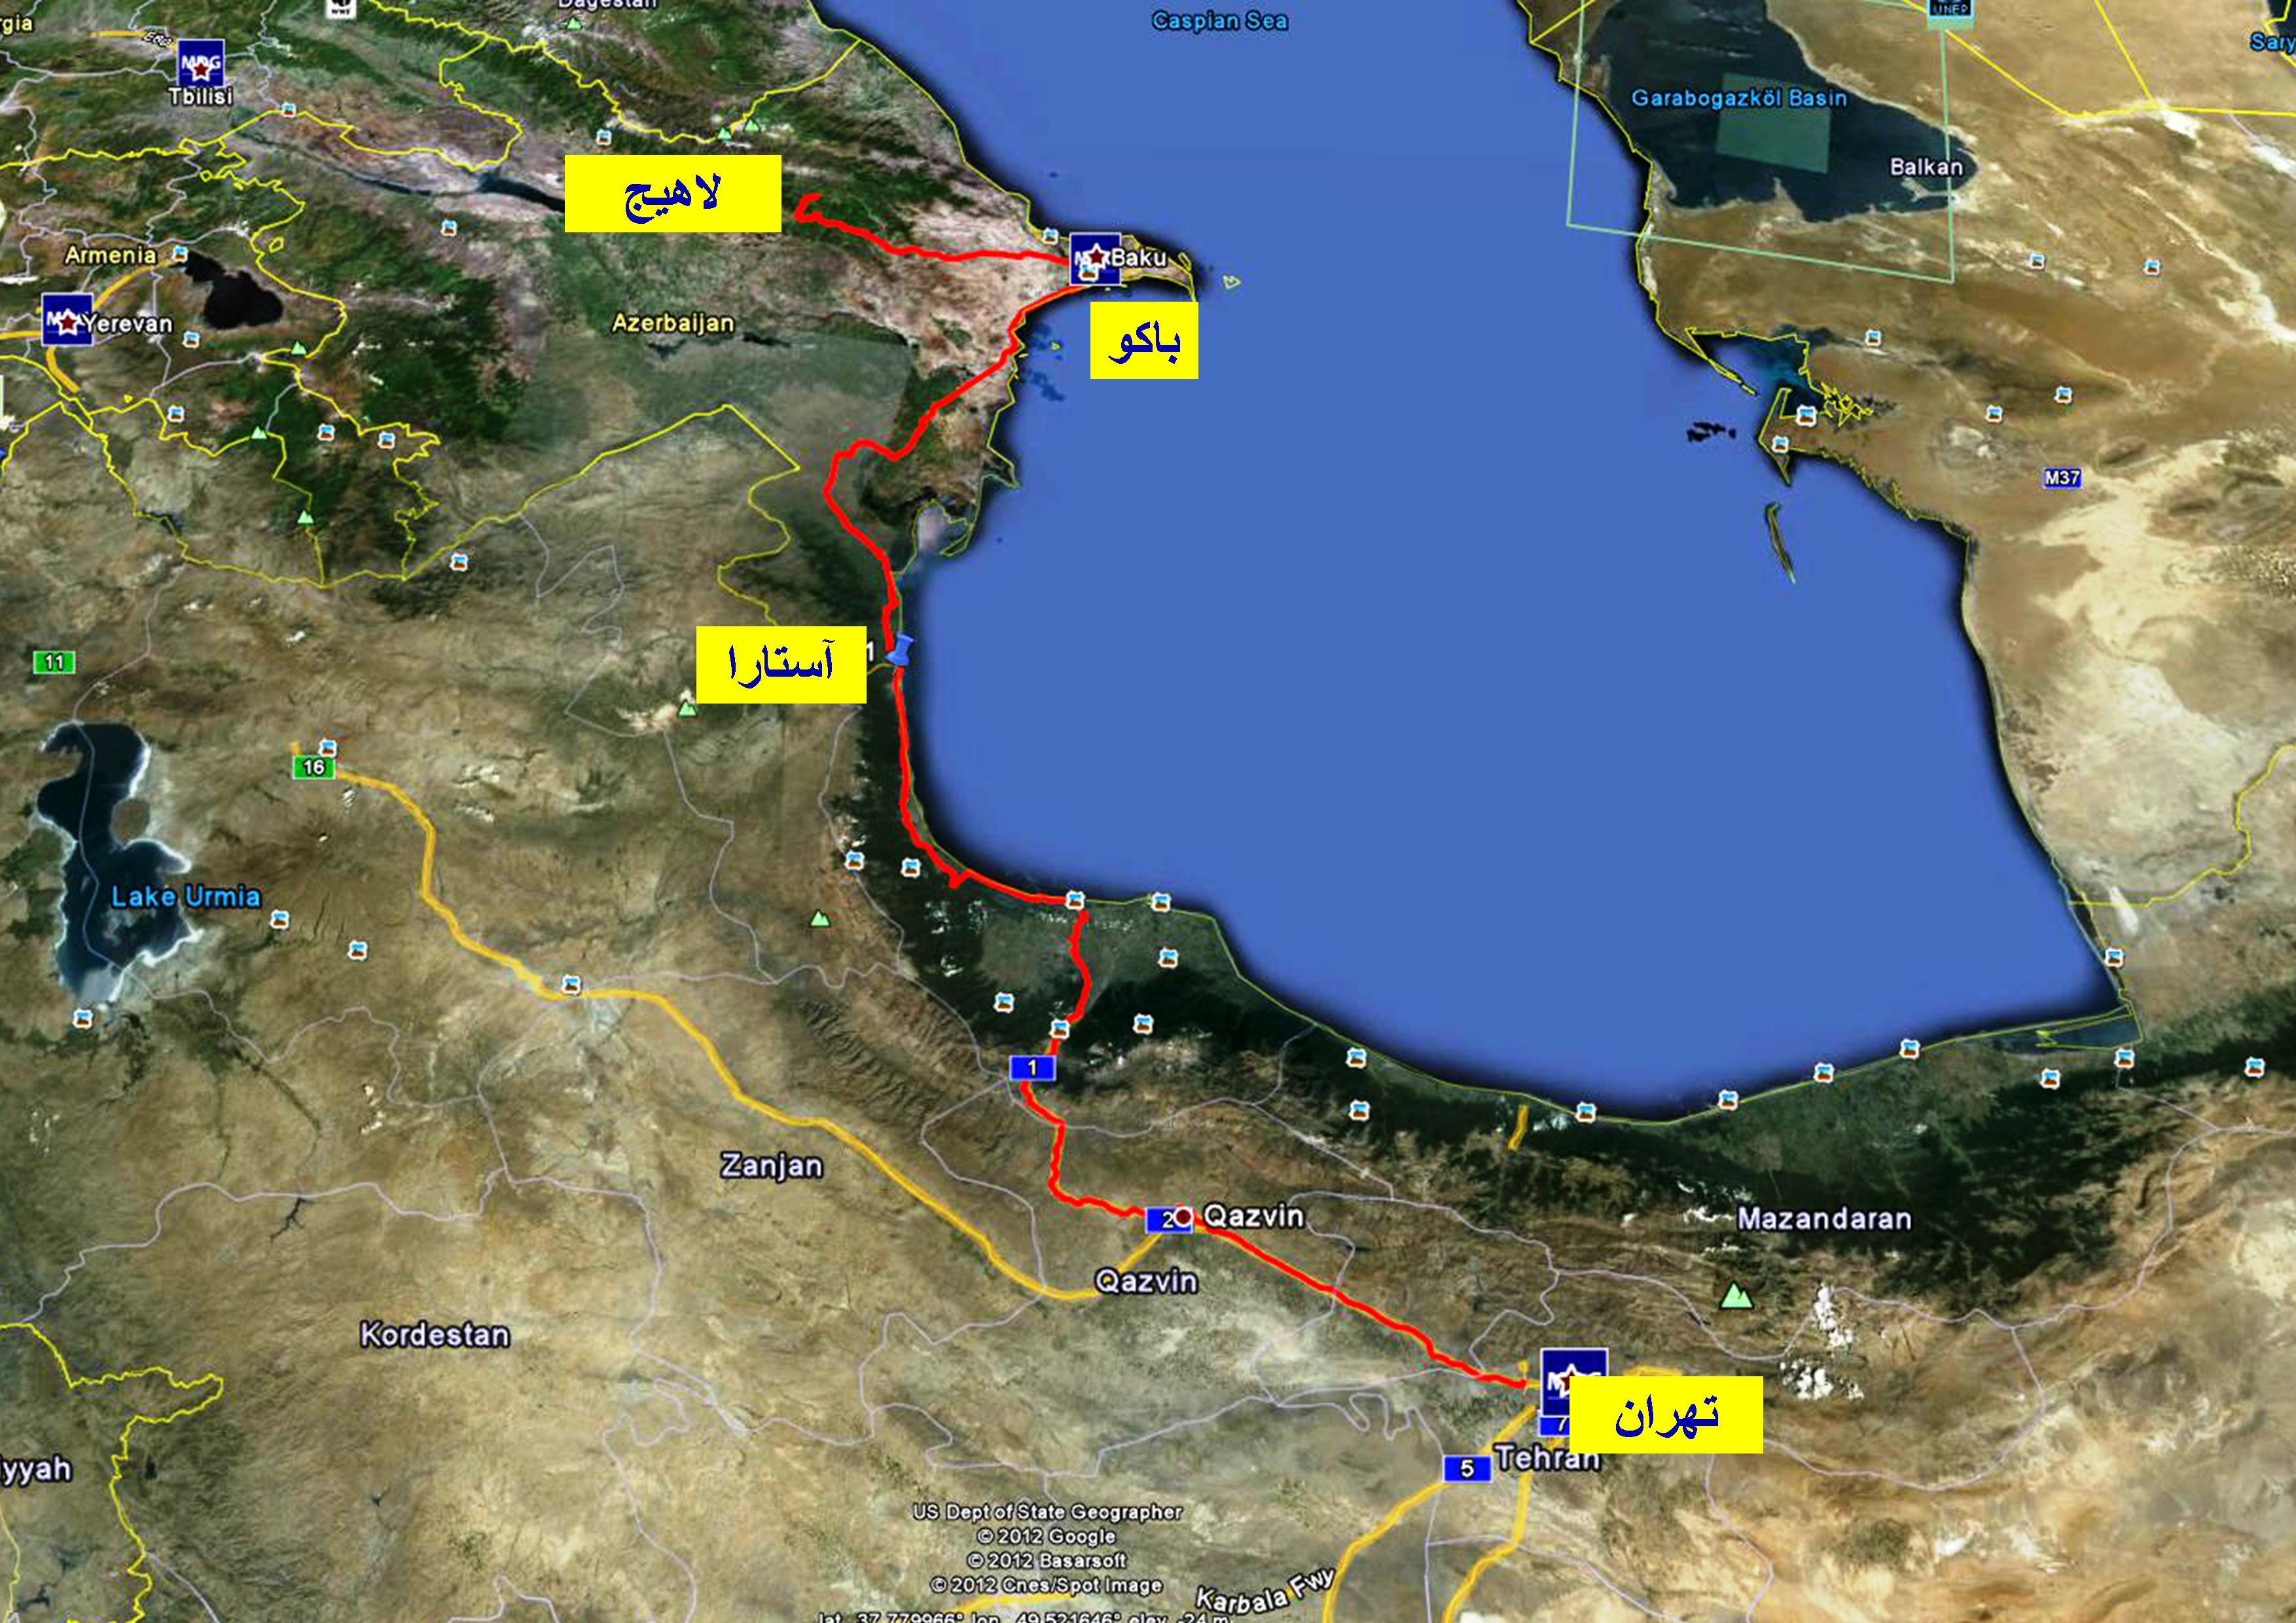 مسیر تهران تا روستای تاریخی لاهیج در کشور آذربایجان - تابستان ۱۳۹۱